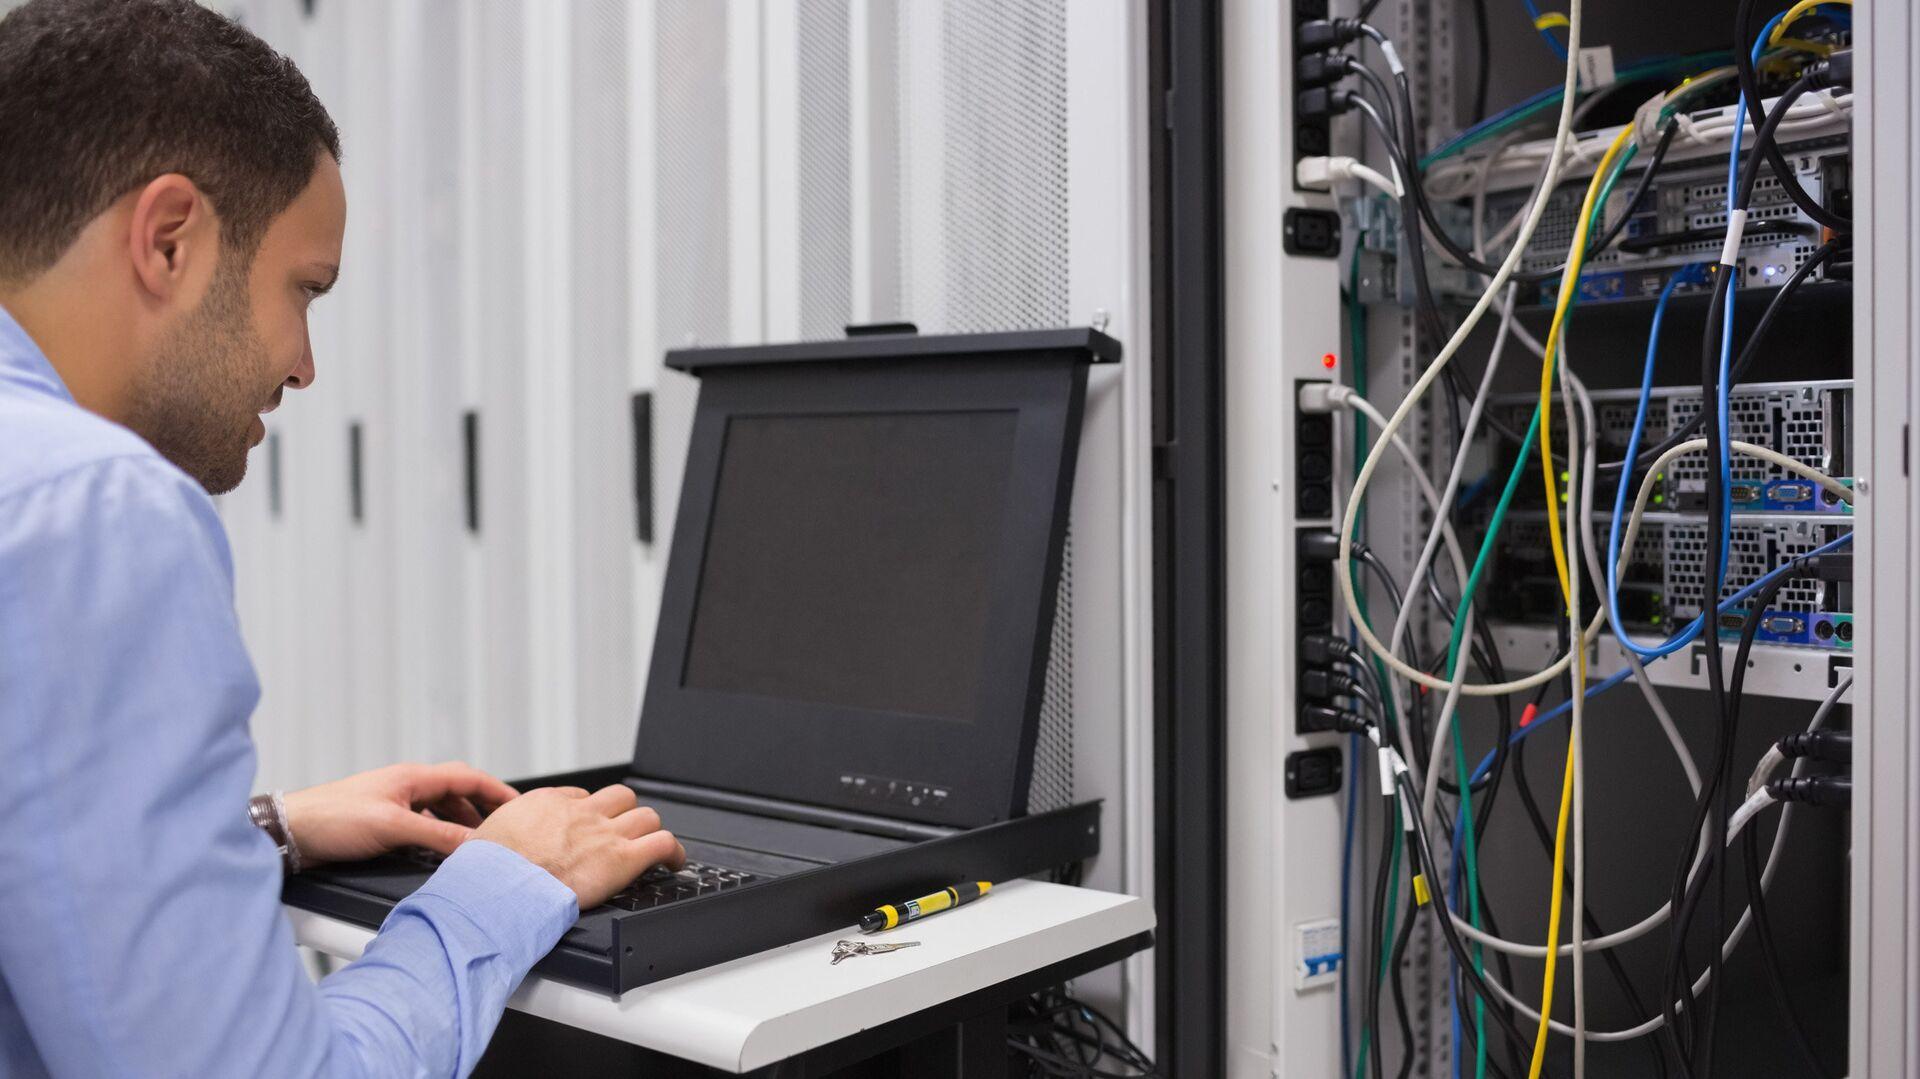 Кубань инициирует изменение законодательства в части поддержки IT-сферы